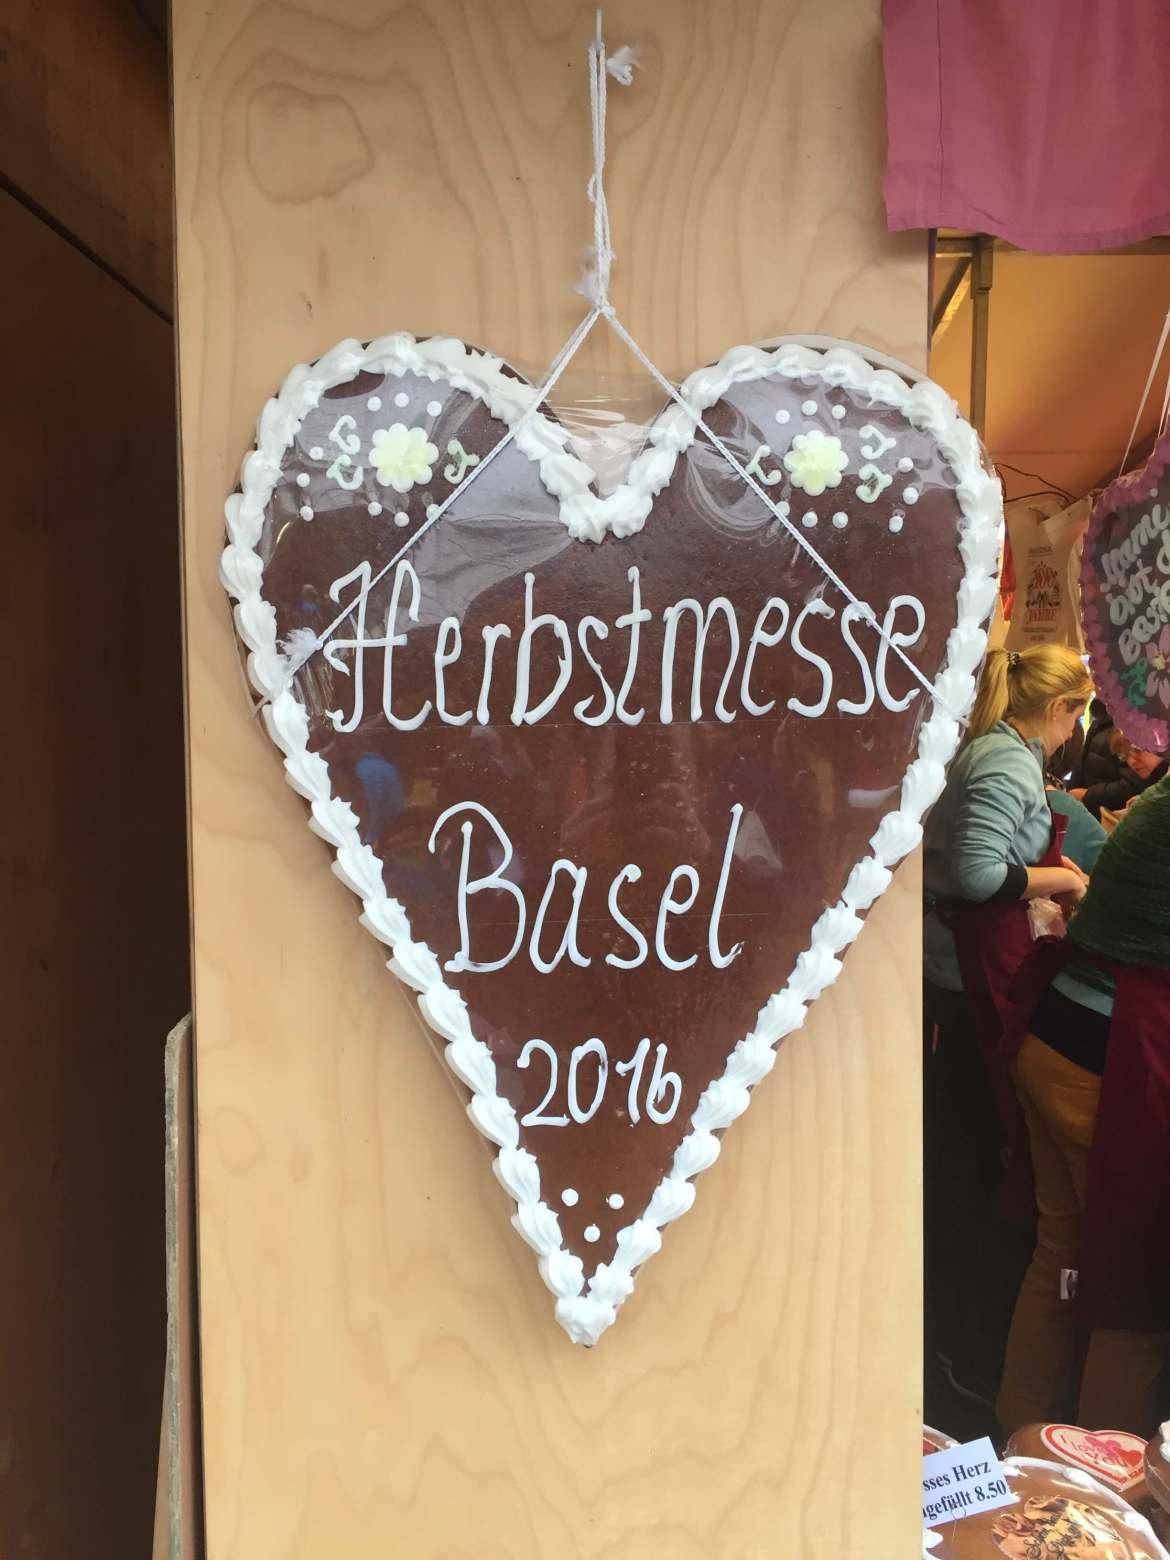 Herbstmesse Basel food